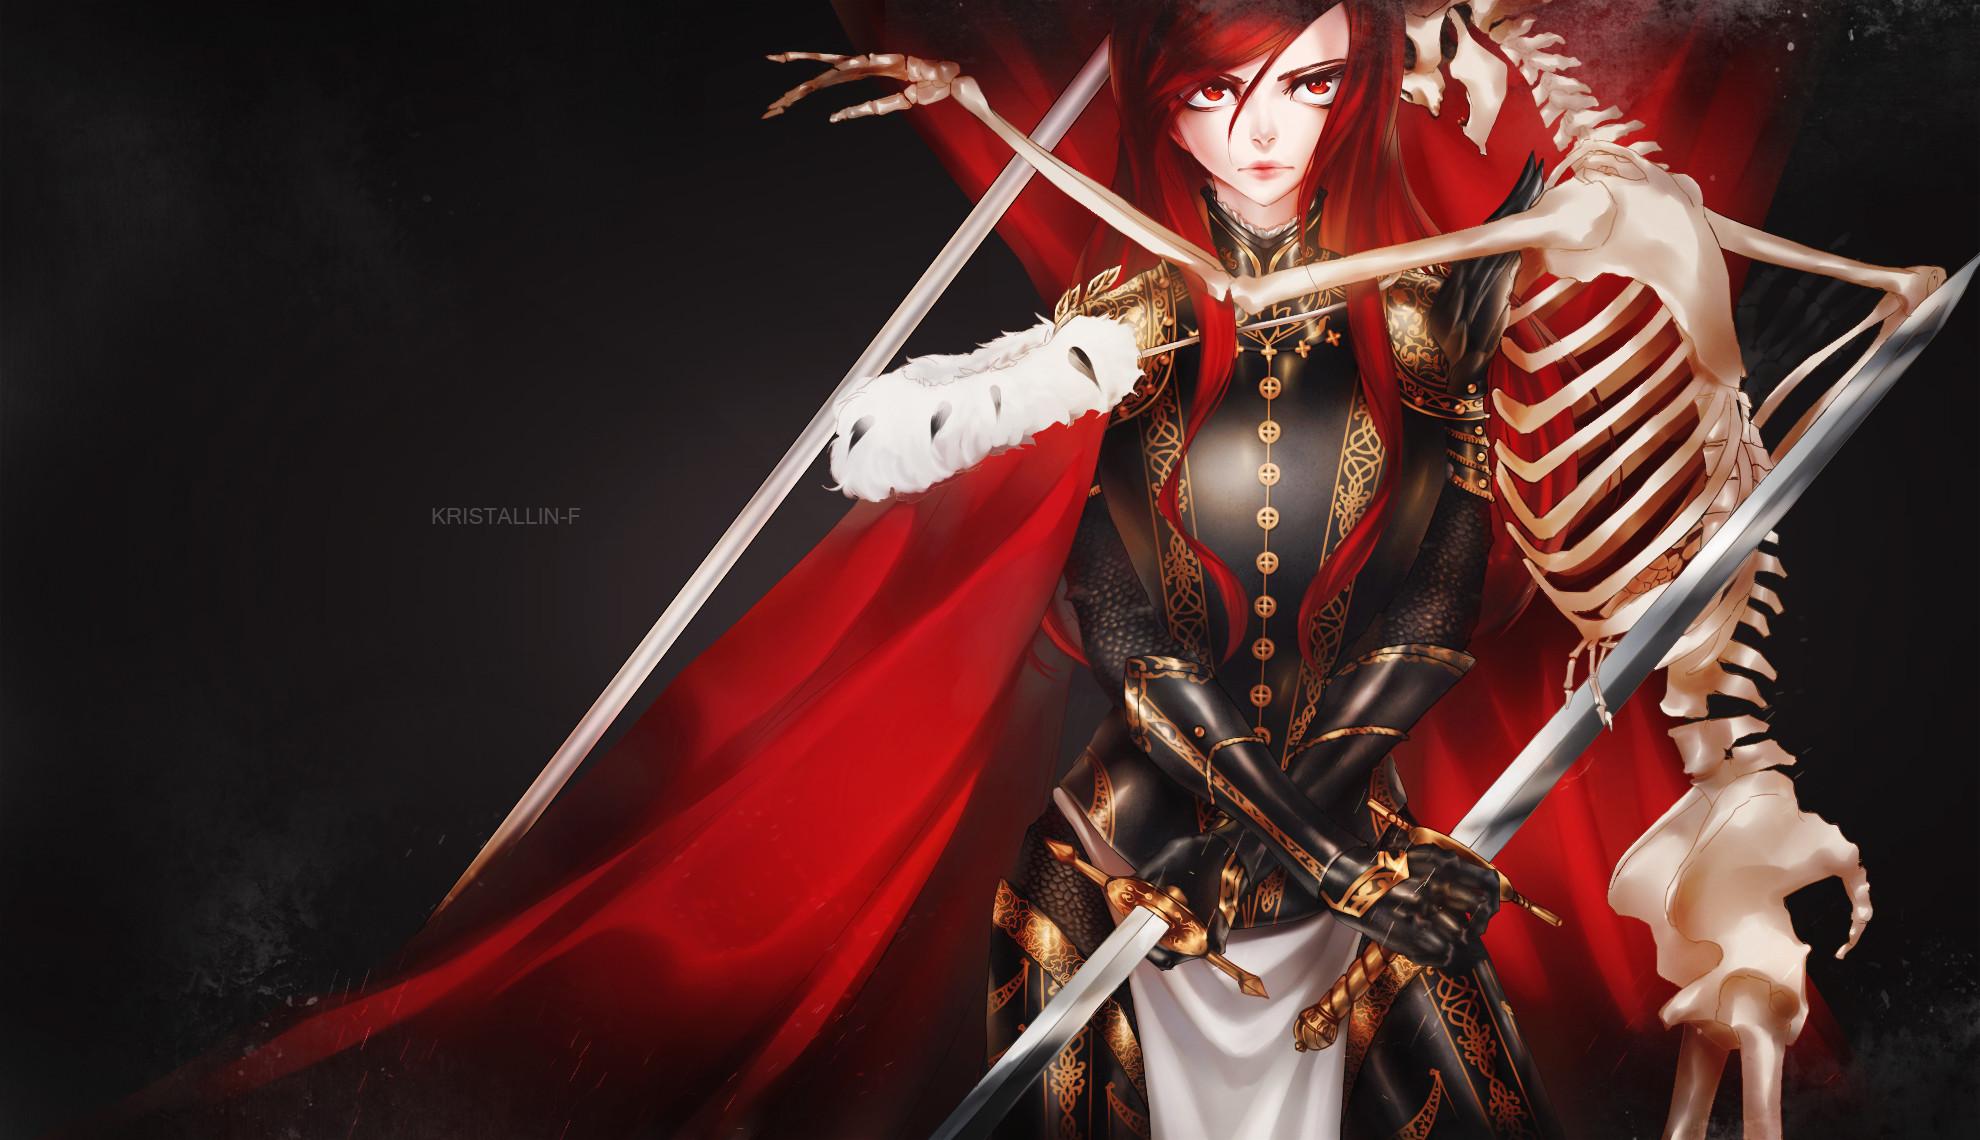 Erza Scarlet · download Erza Scarlet image